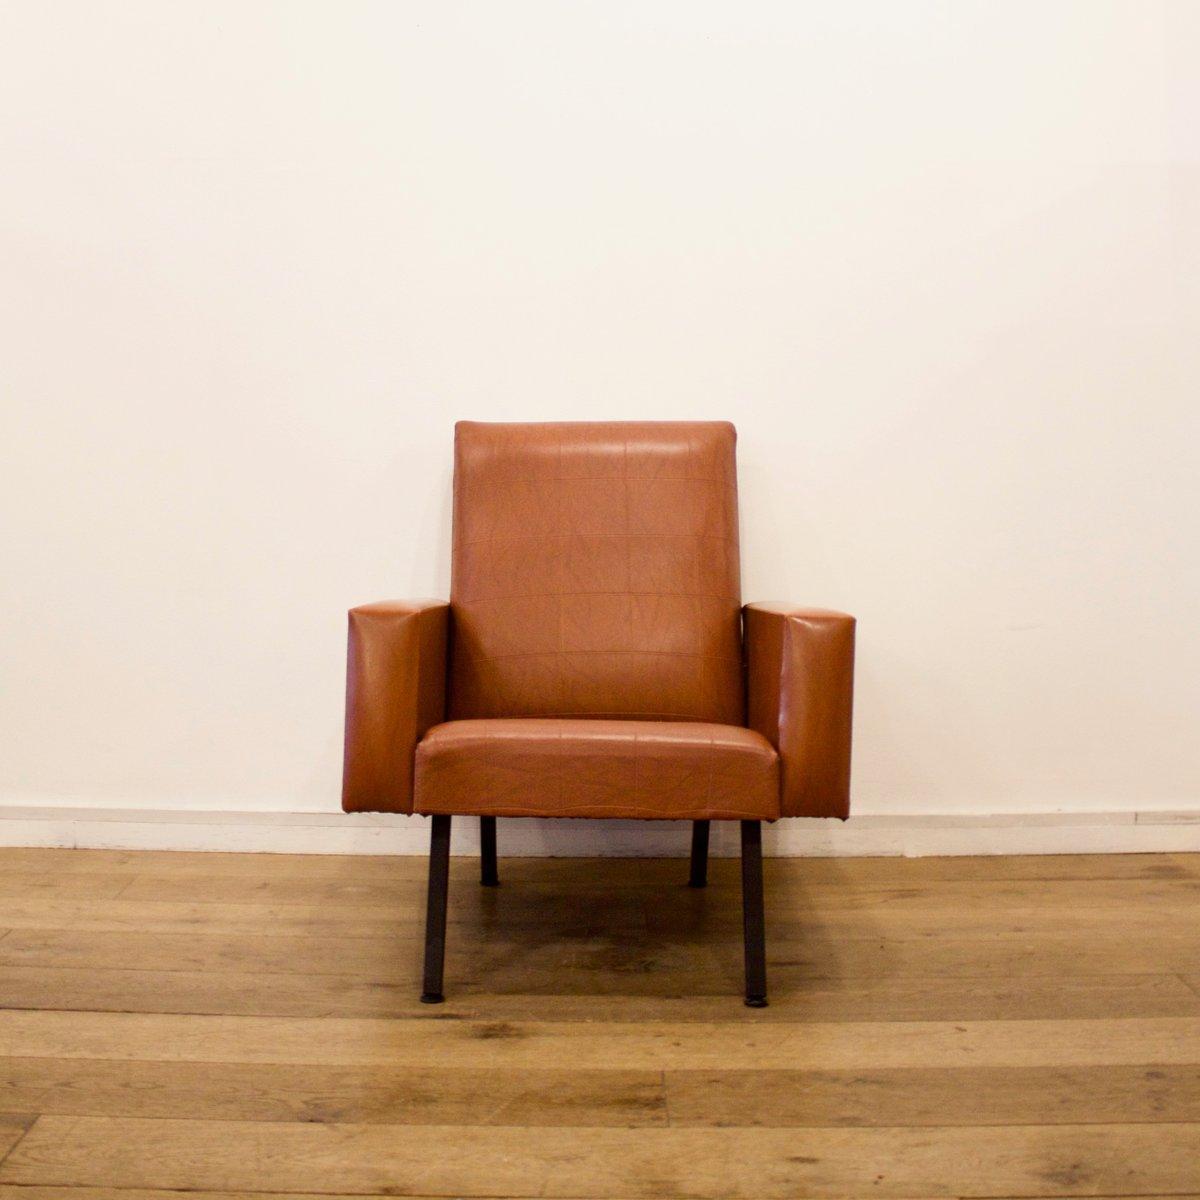 Brauner Kunstleder Sessel, 1950er